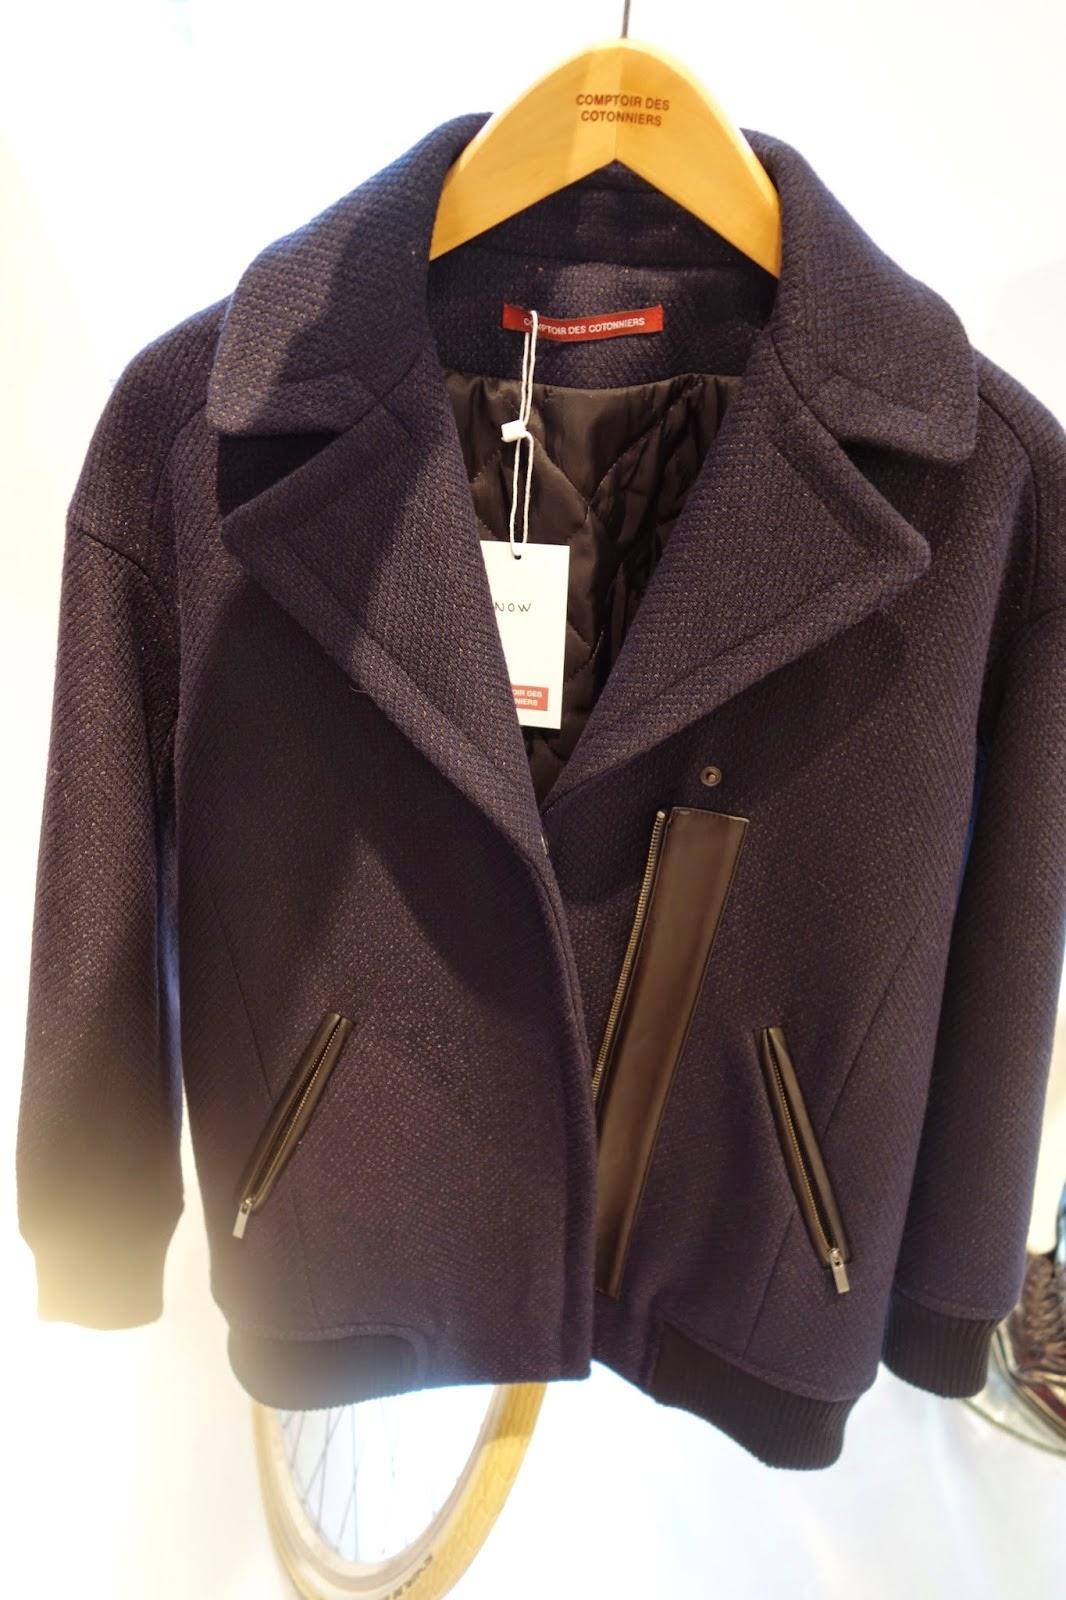 Paristempslibre au coeur de mon dressing d 39 hiver - Au comptoir des cotonniers ...